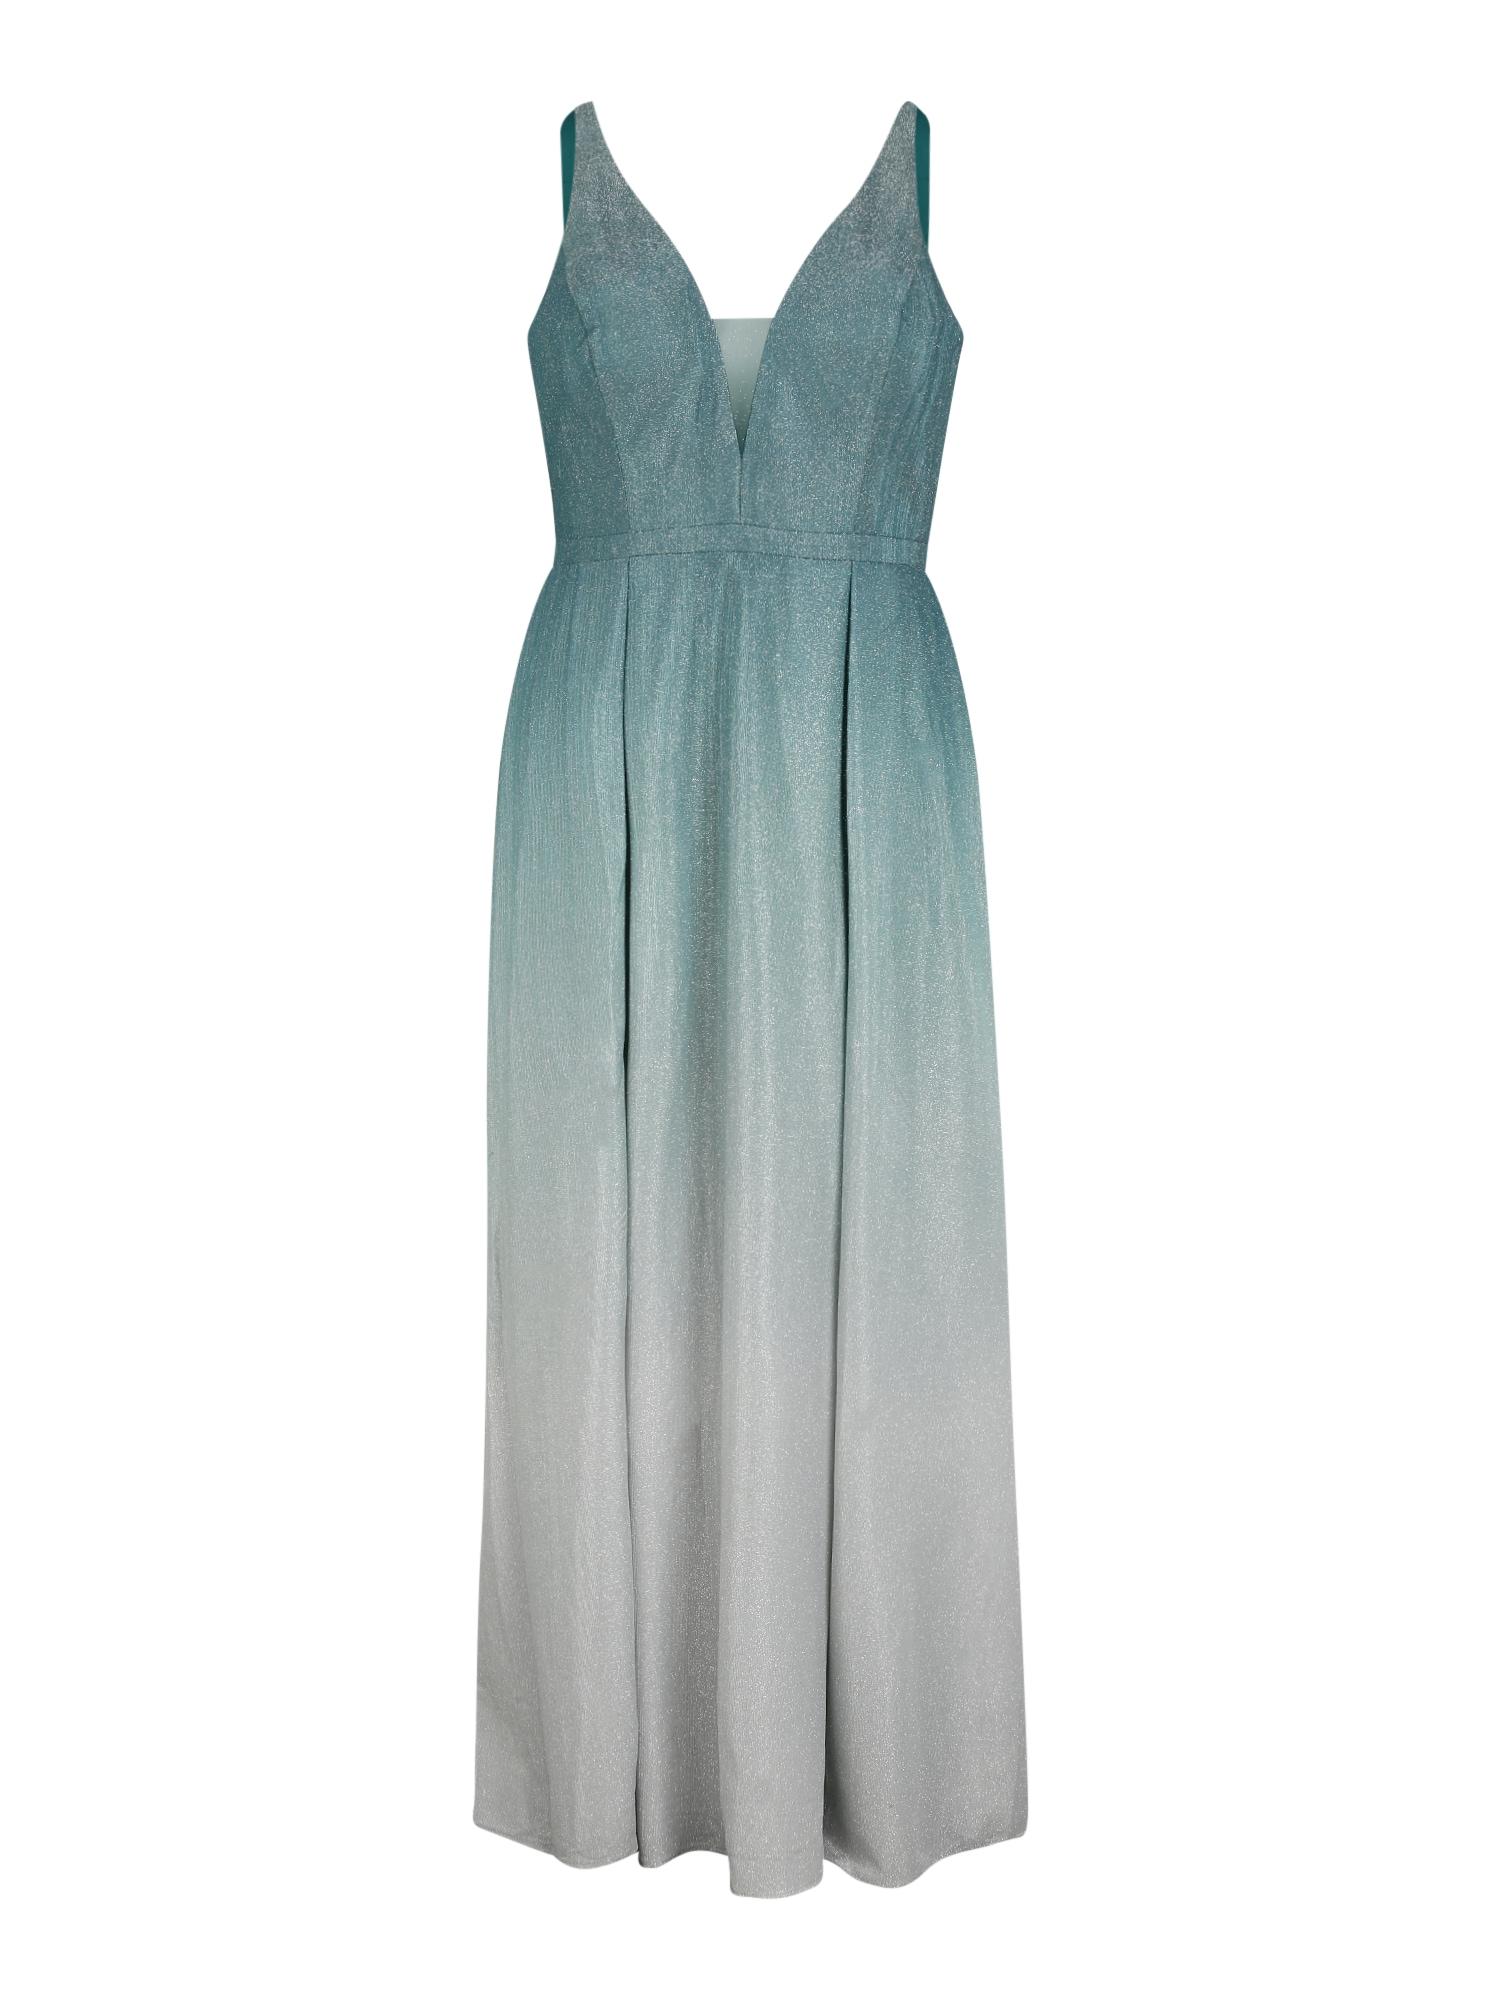 My Mascara Curves Vakarinė suknelė tamsiai žalia / sidabrinė / šviesiai pilka